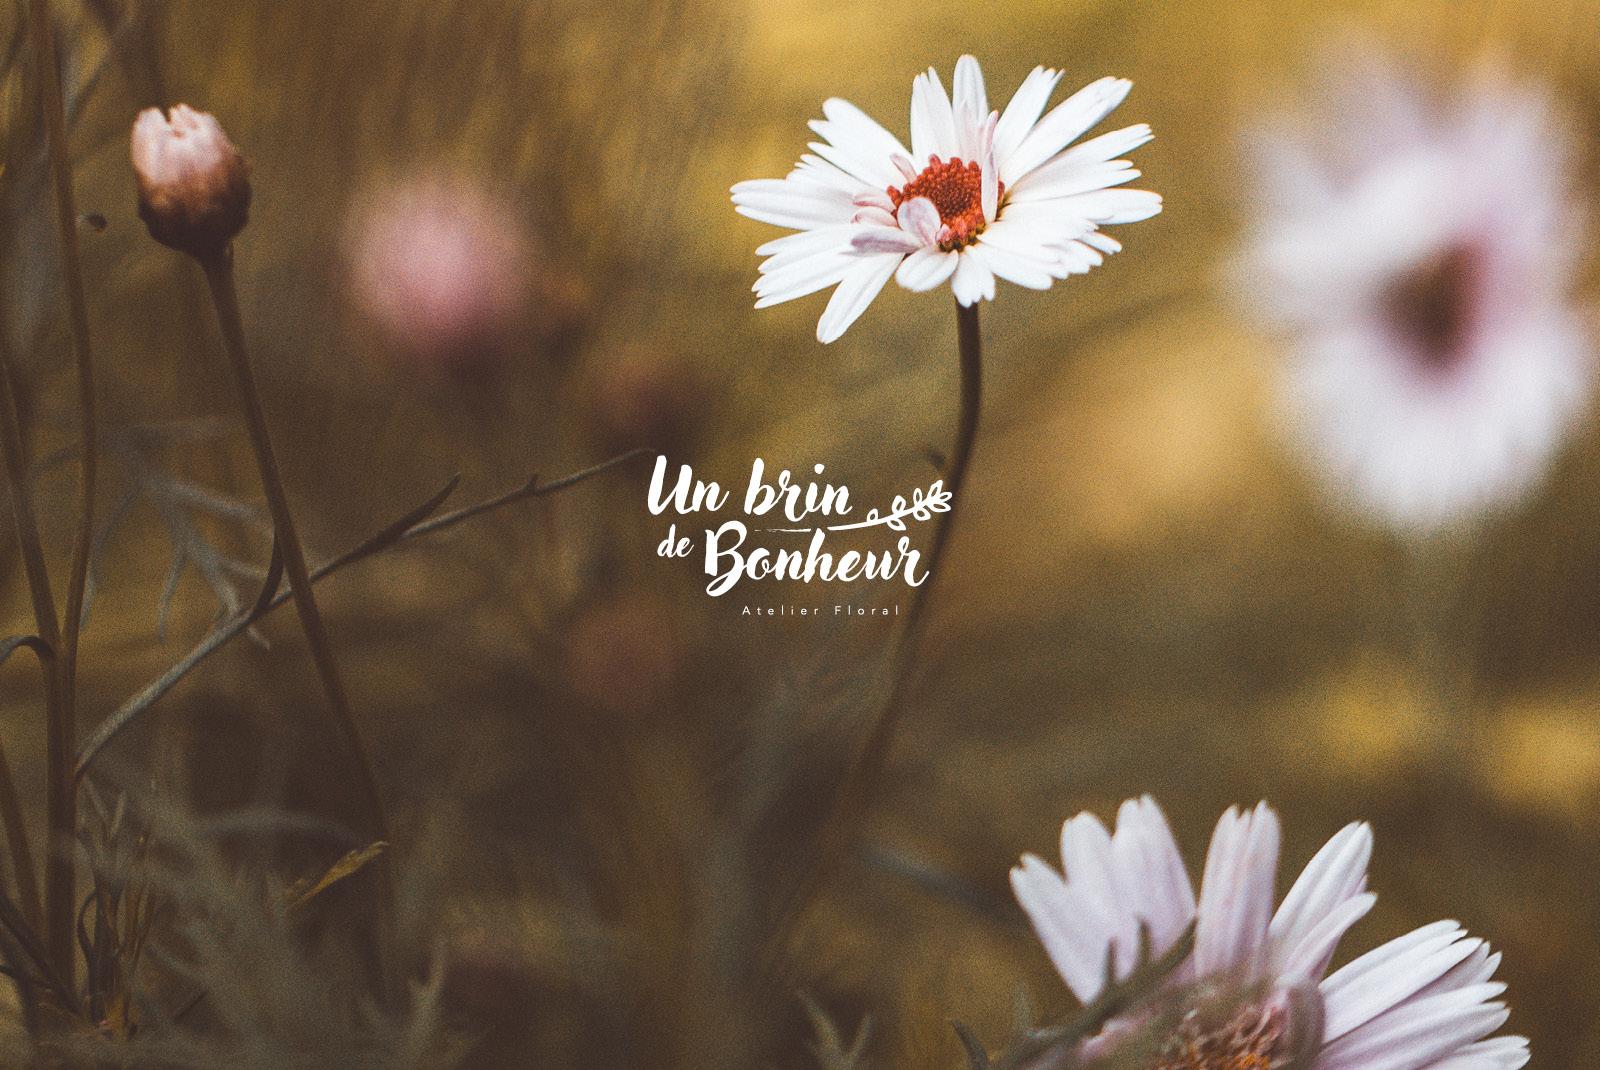 unbrindebonheur_V2.jpg